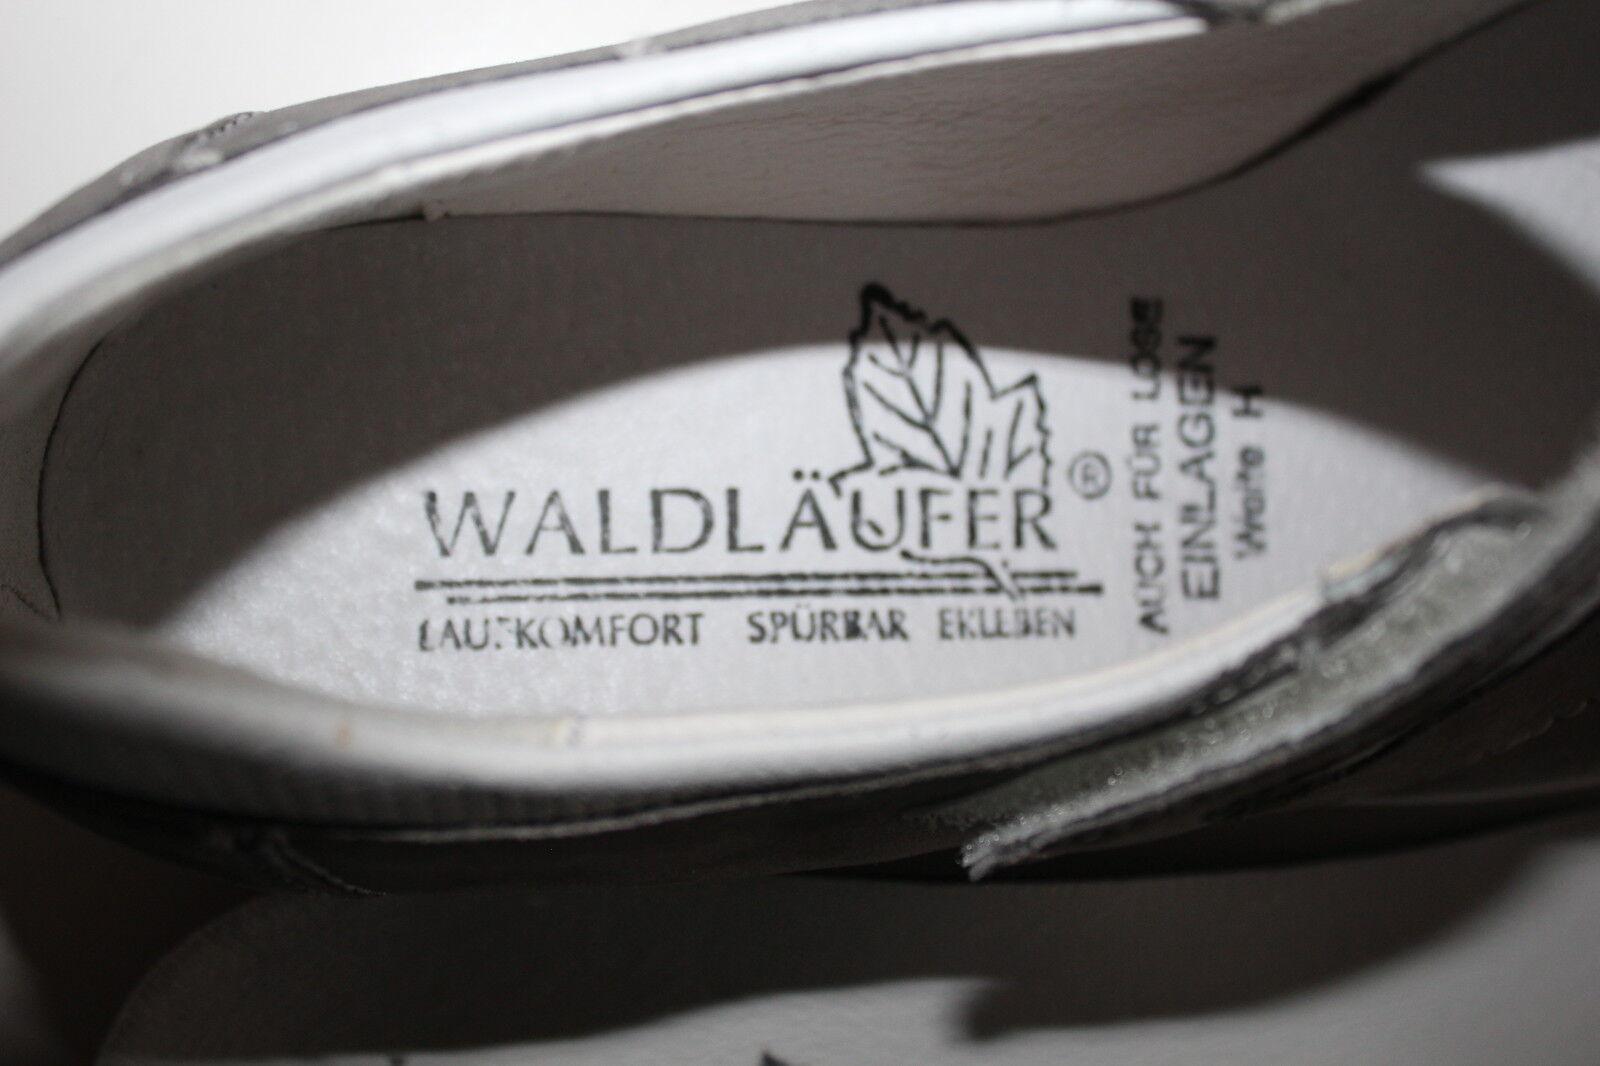 WALDLÄUFER Slipper Ballerina Schuhe echt echt Schuhe Leder Halbschuhe Gr.37 UK 4 grau TOP 835268